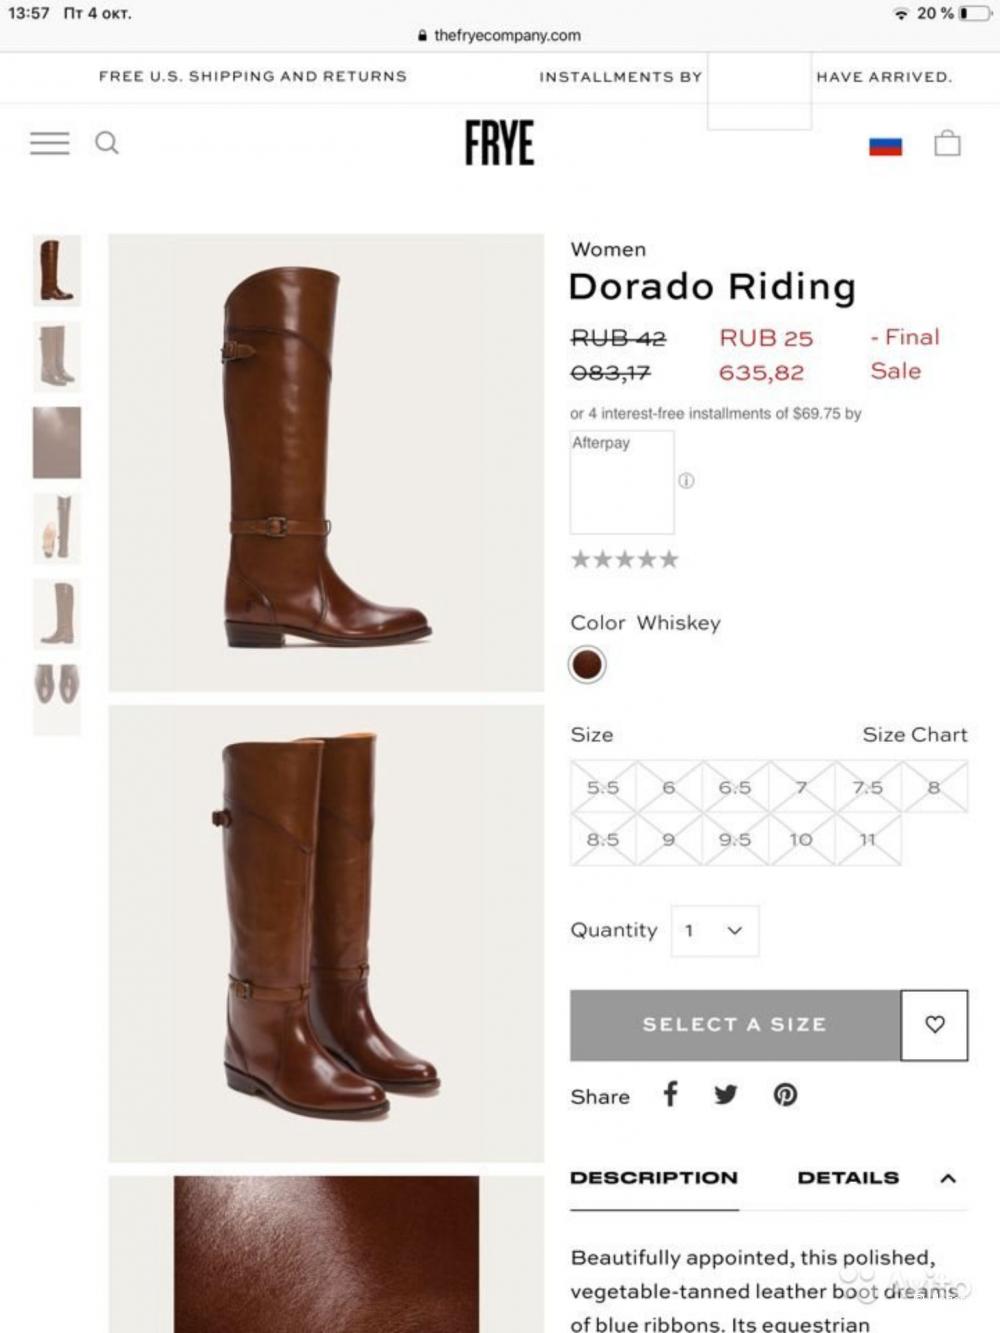 Сапоги демисезонные Frye Dorado Riding, 36-37 размер